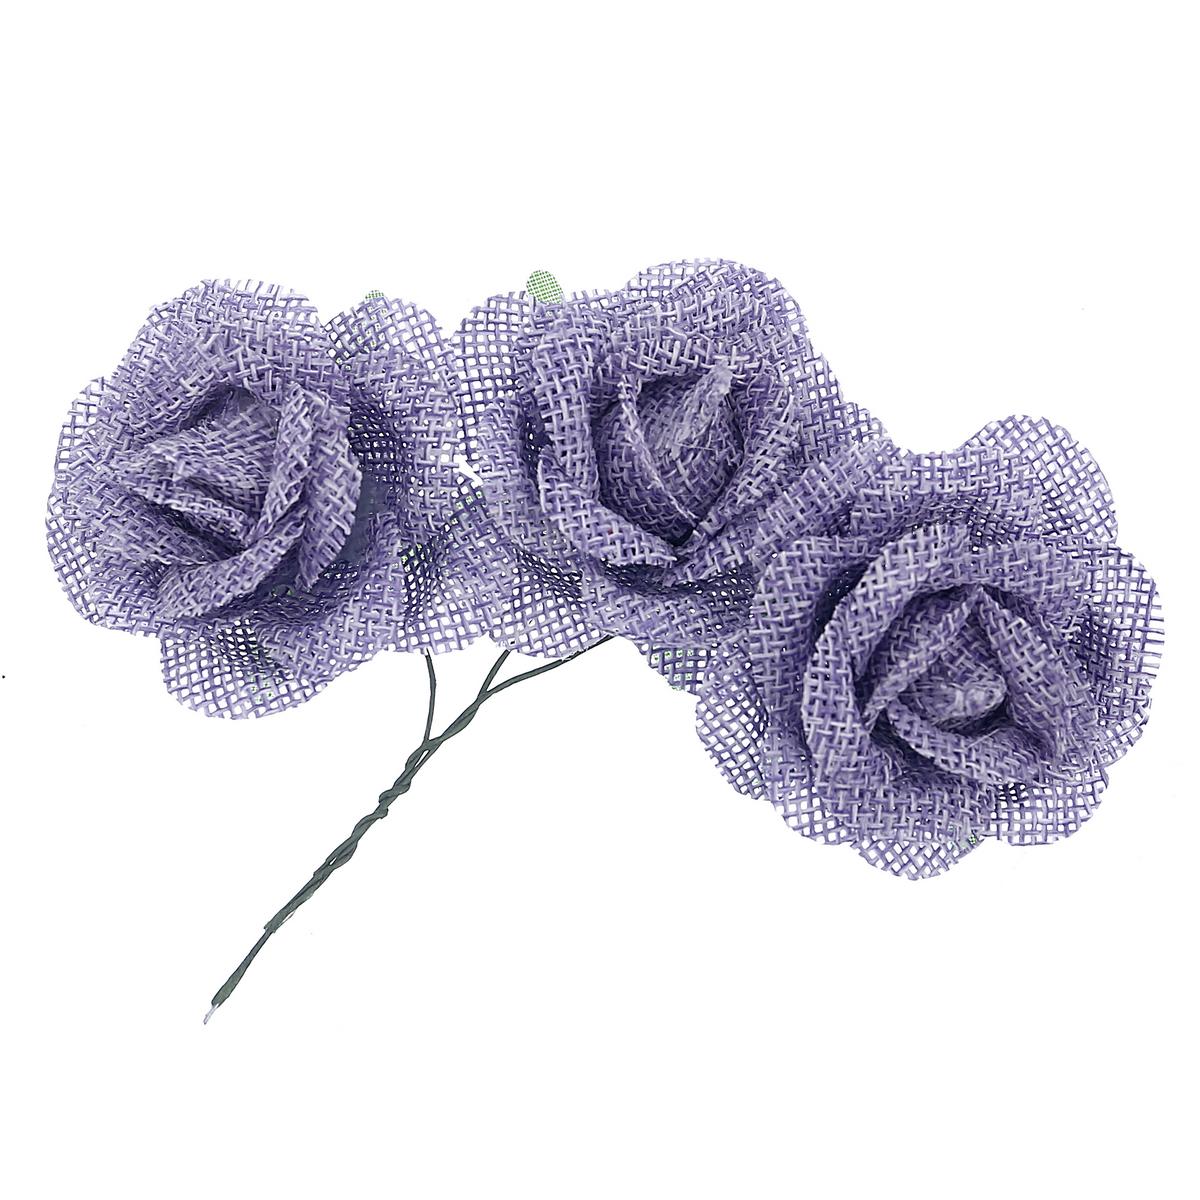 חבק פרח פשתן סגול בהיר לעיצוב